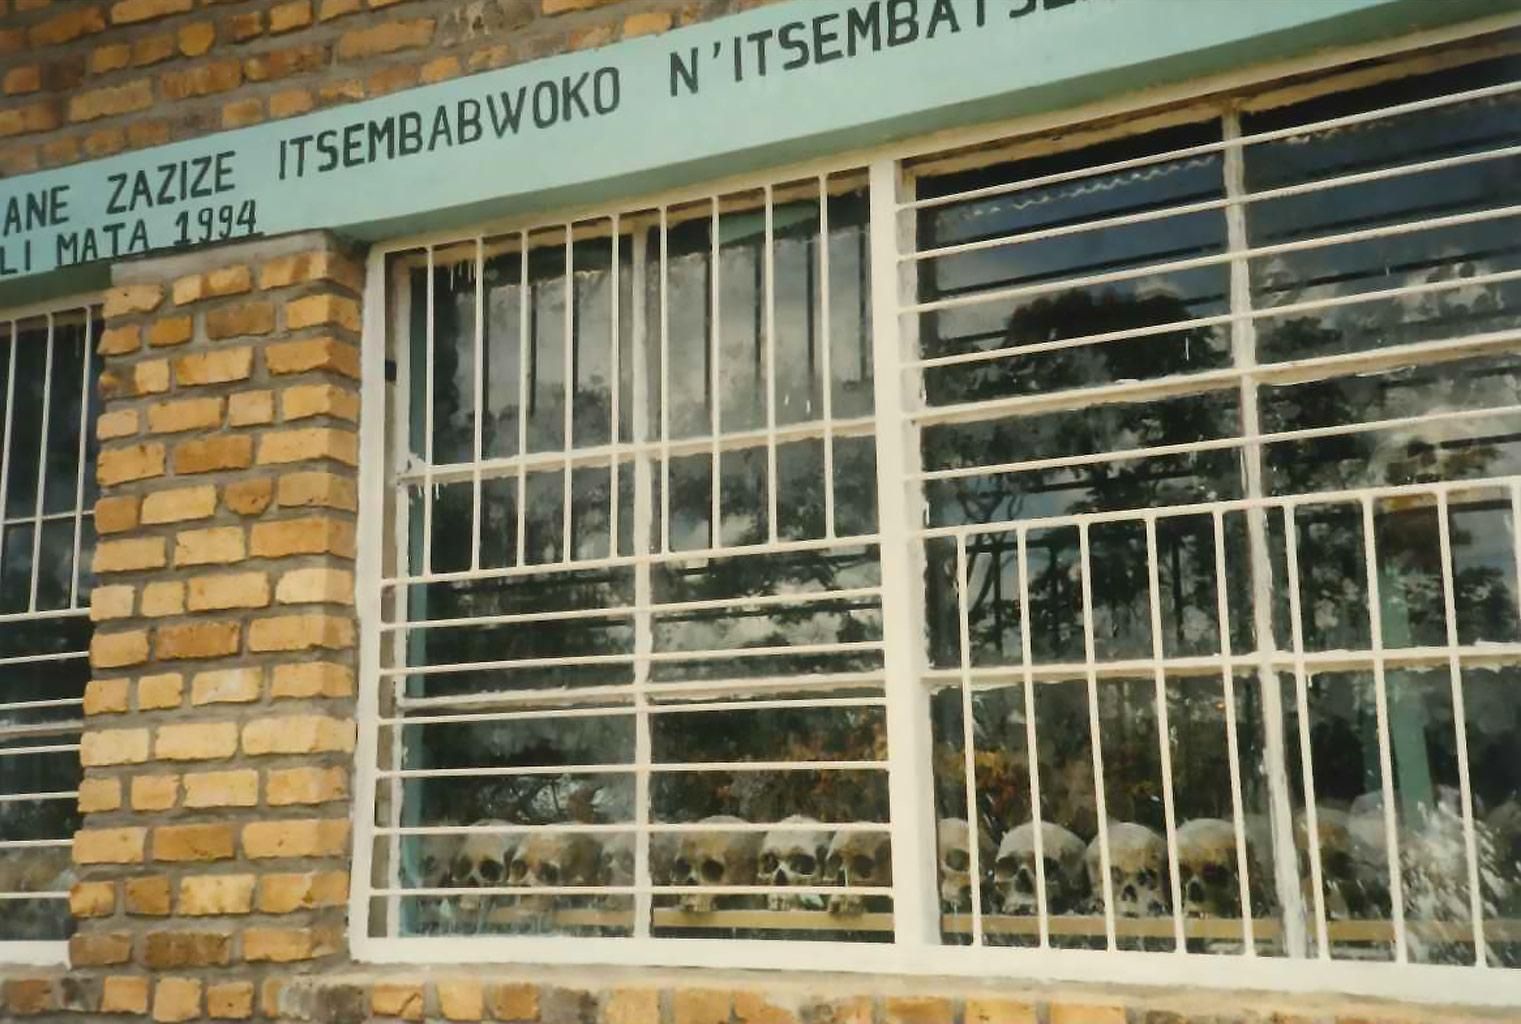 Rwanda, novembre 1996 - testimonianze del genocidio del 1994